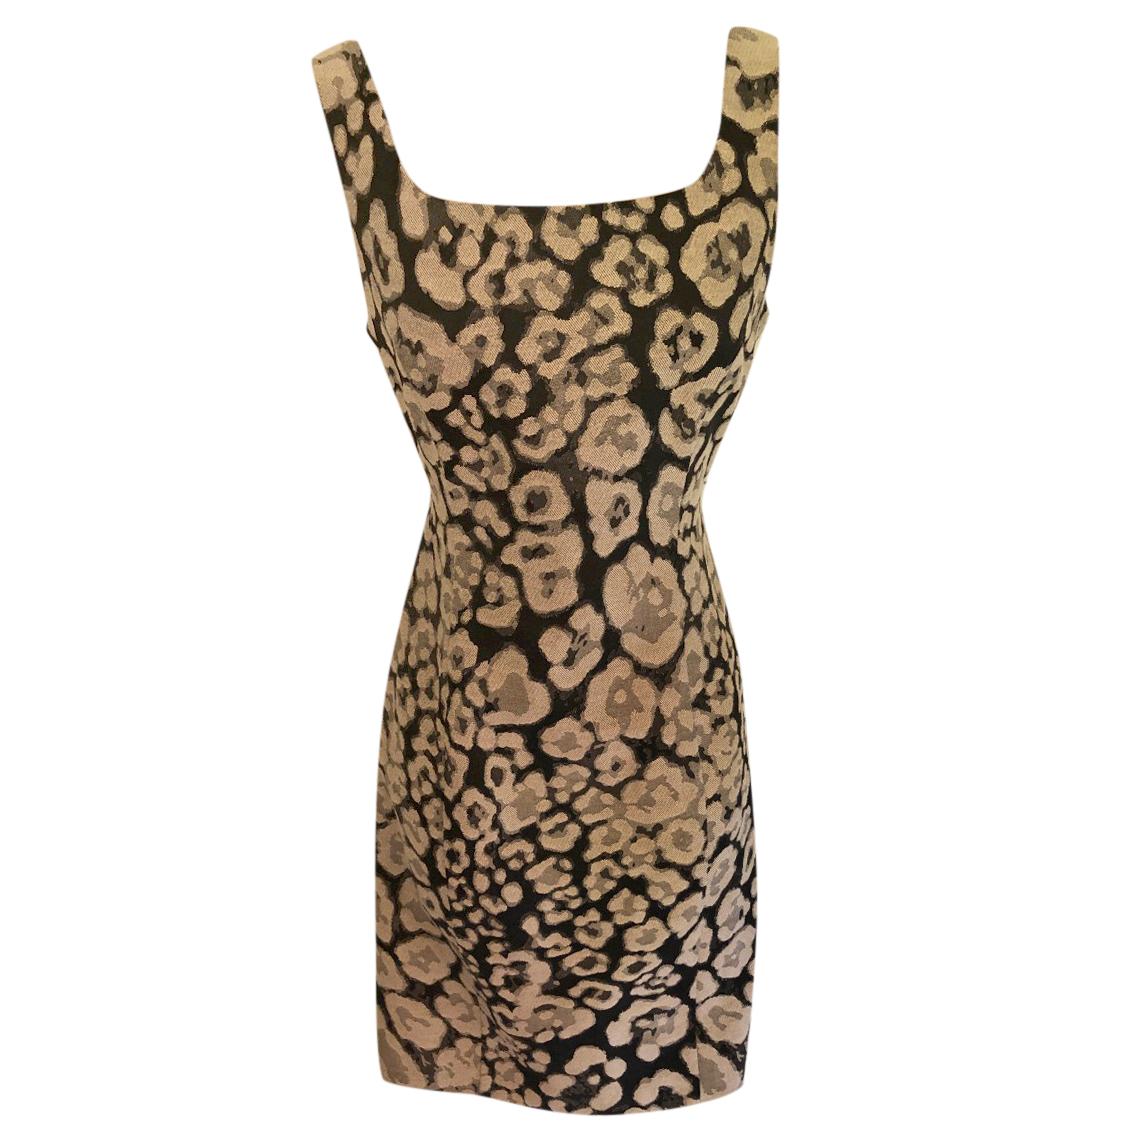 Armani Collezioni Animal Print Sleeveless Shift Dress